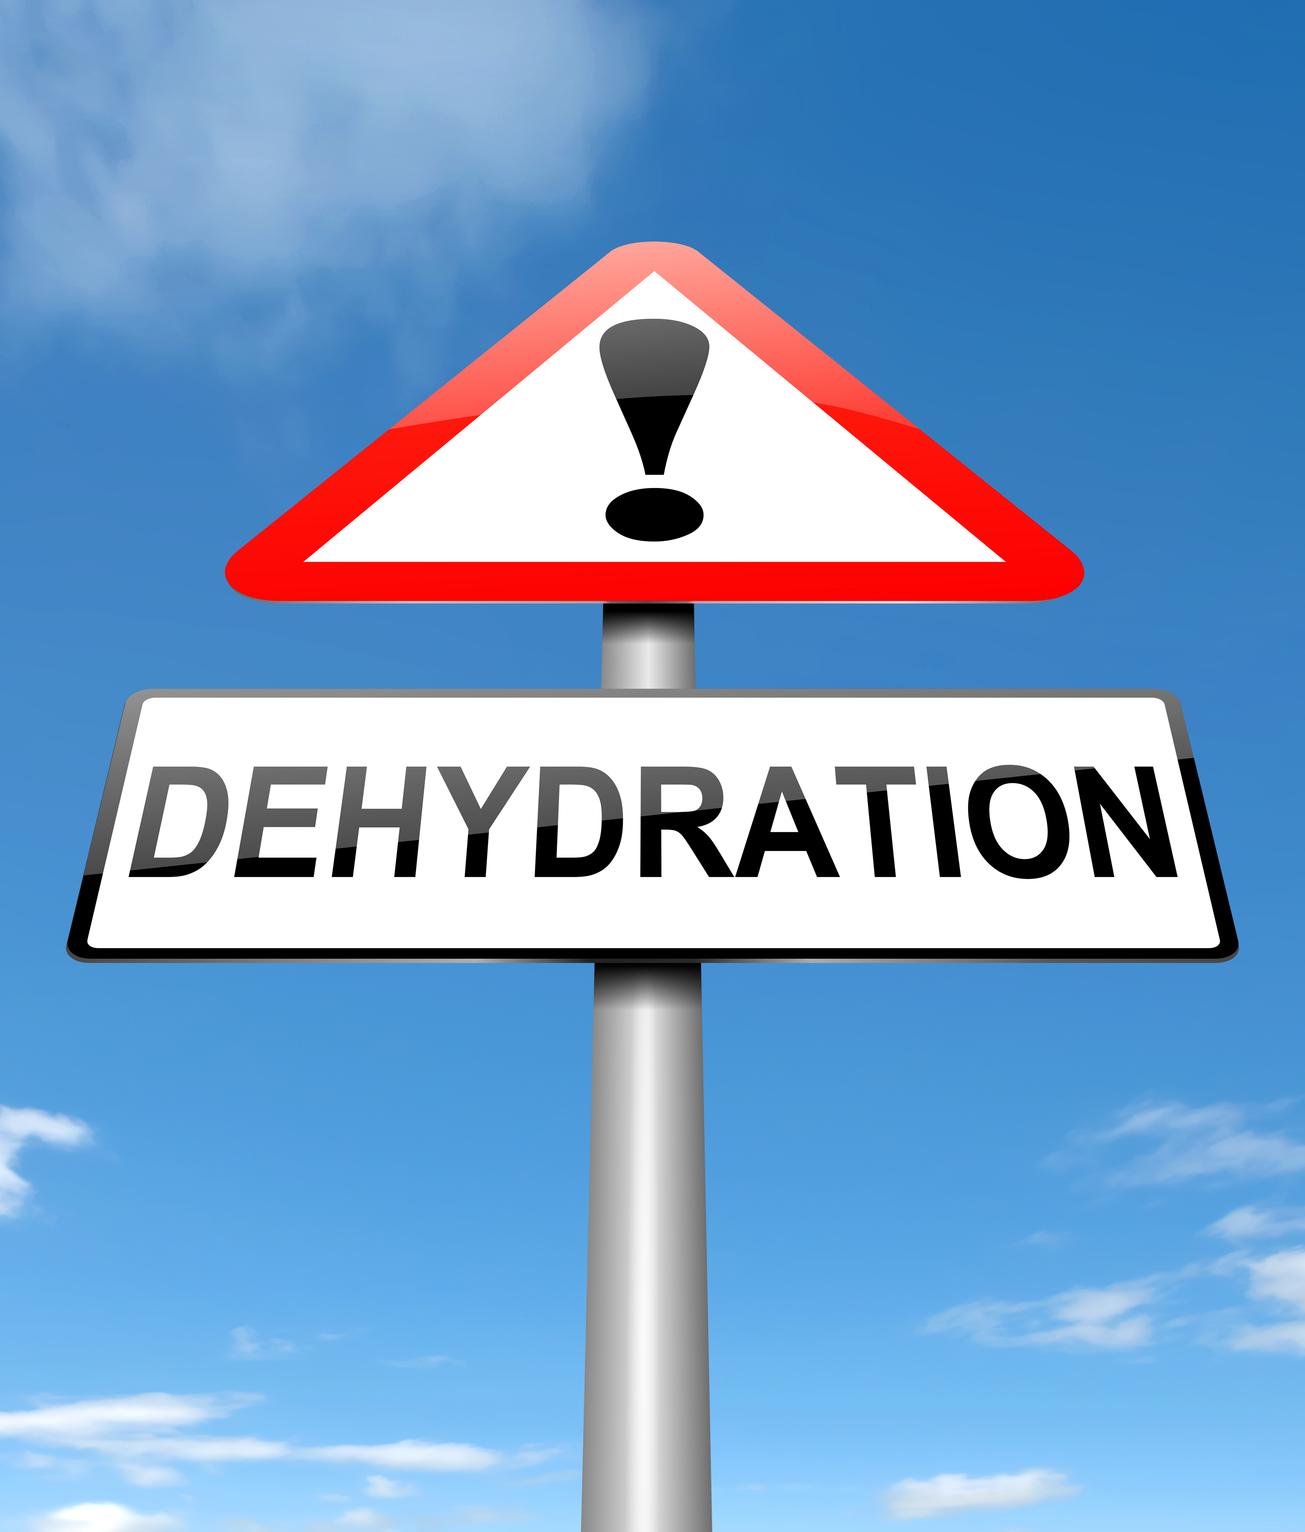 dehydrationको लागि तस्बिर परिणाम